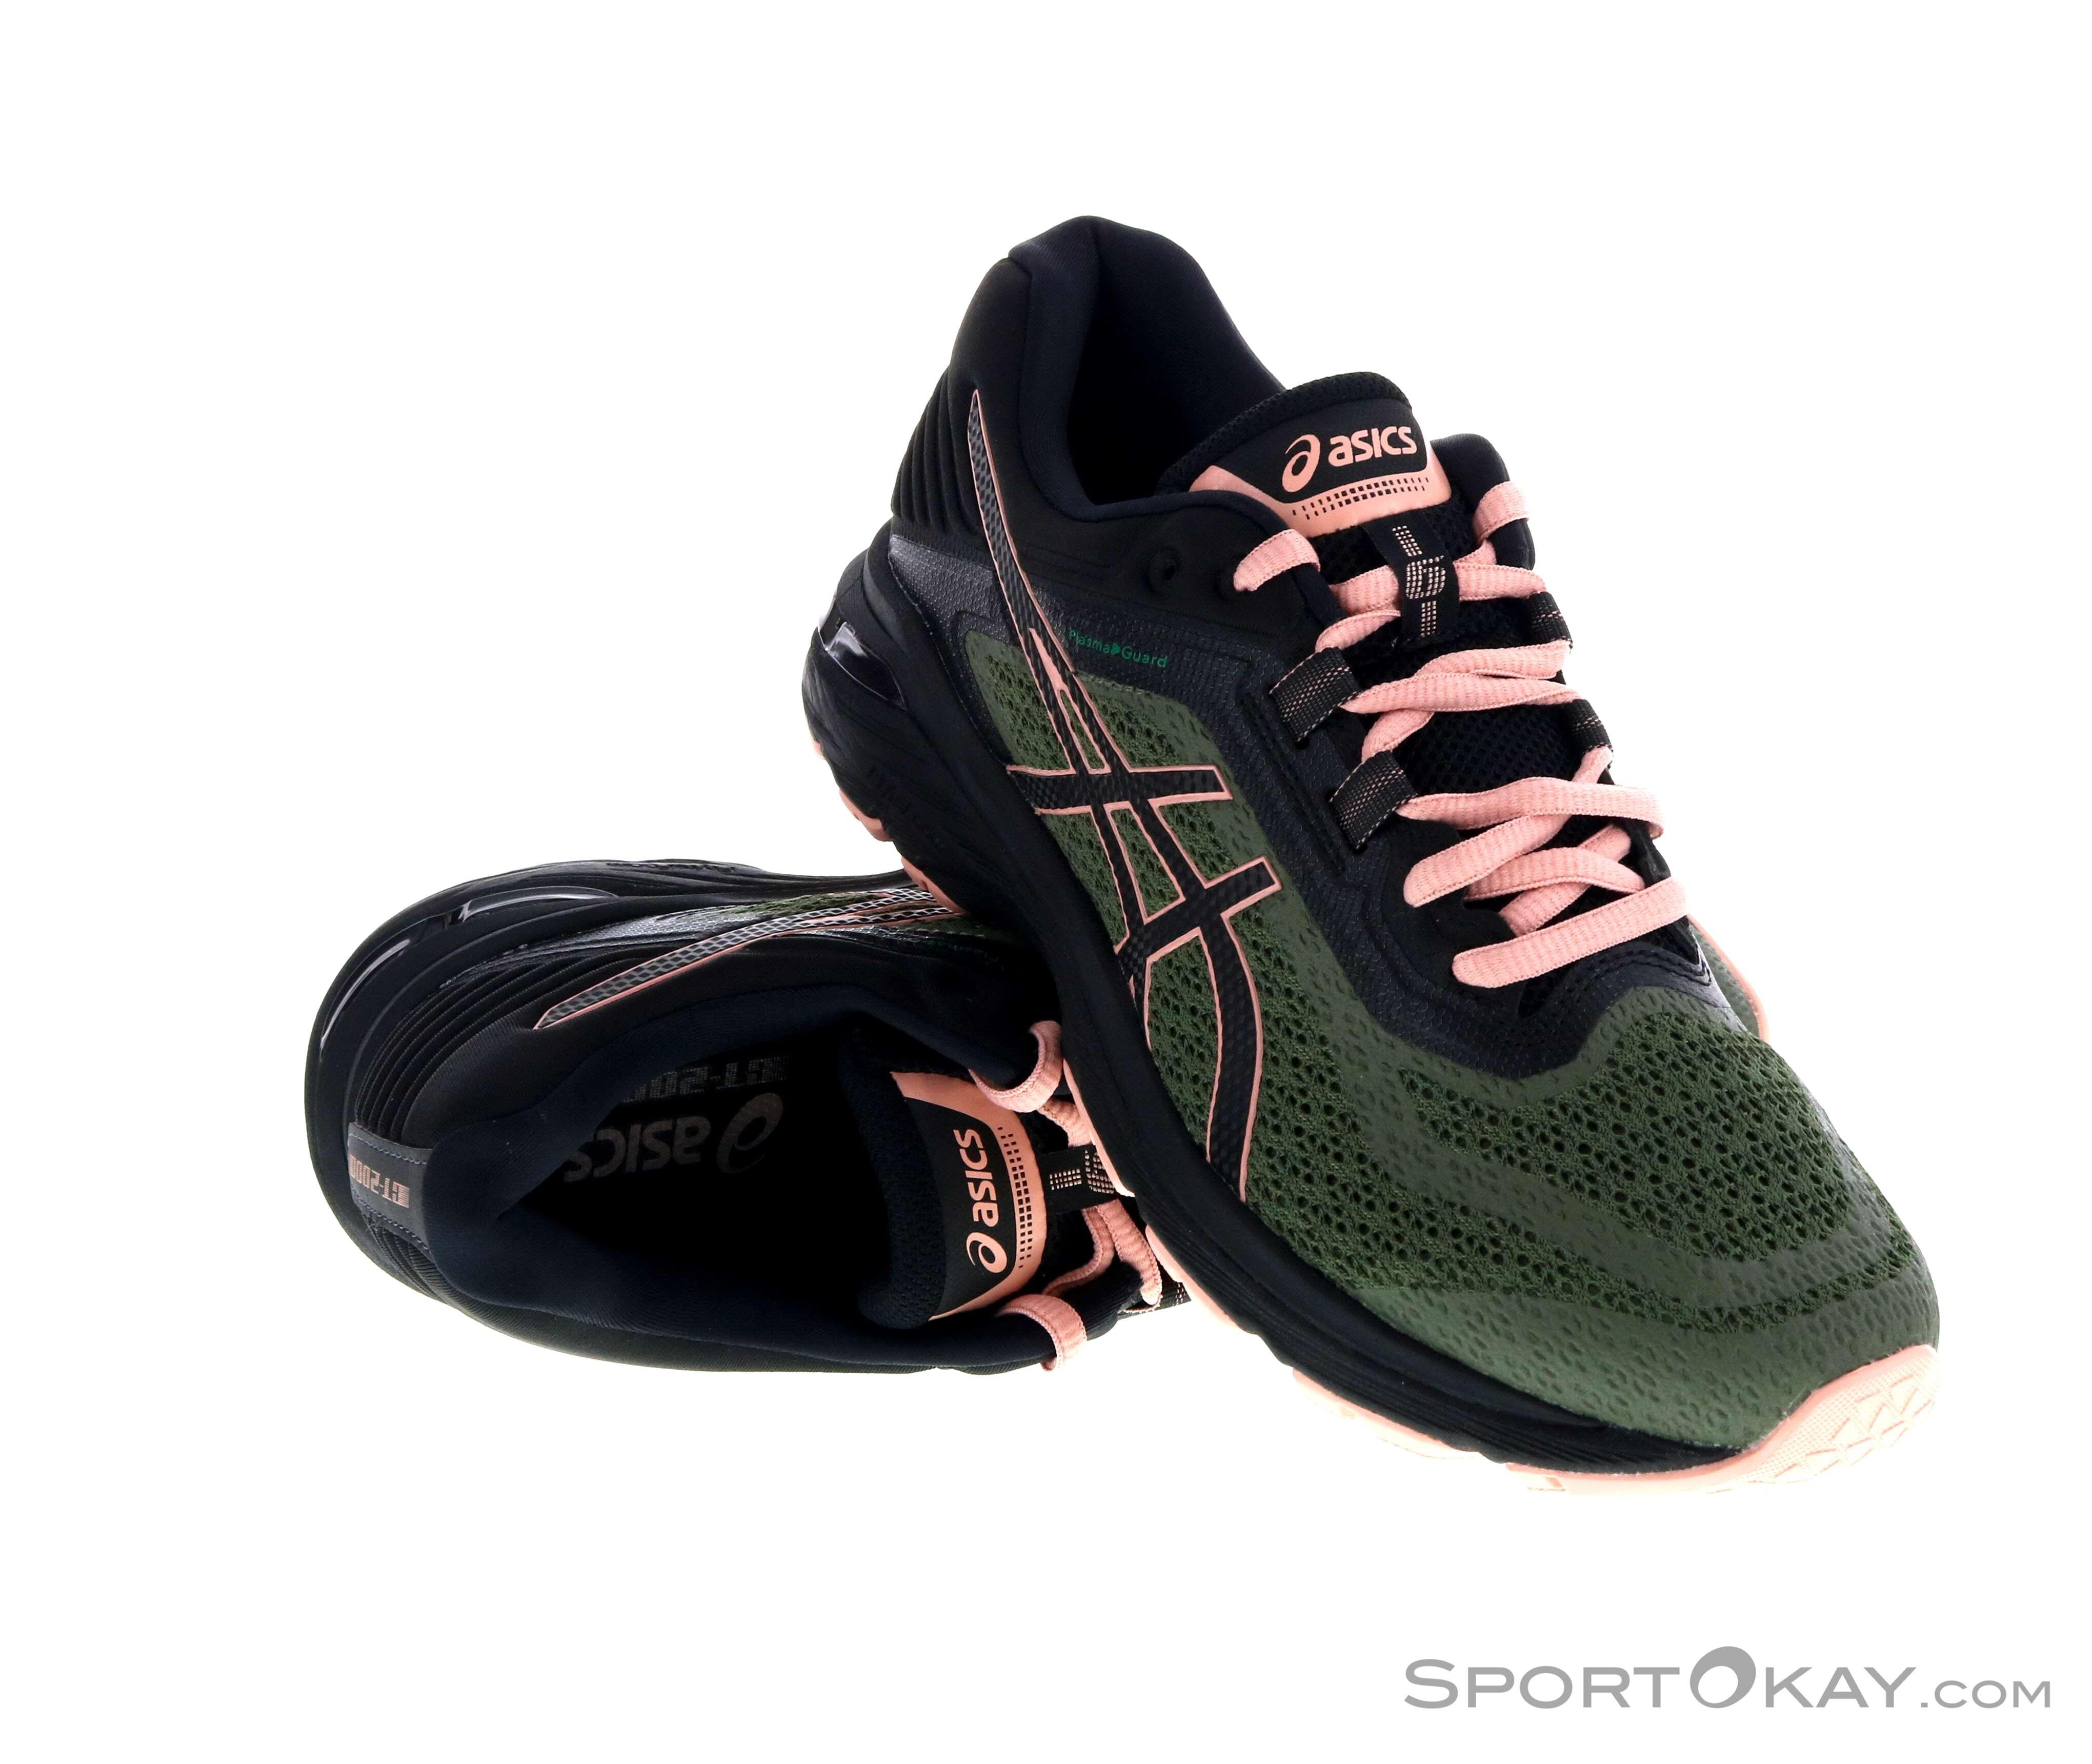 Gt Trail Asics Damen Traillaufschuhe 2000 6 kuTOXZPi